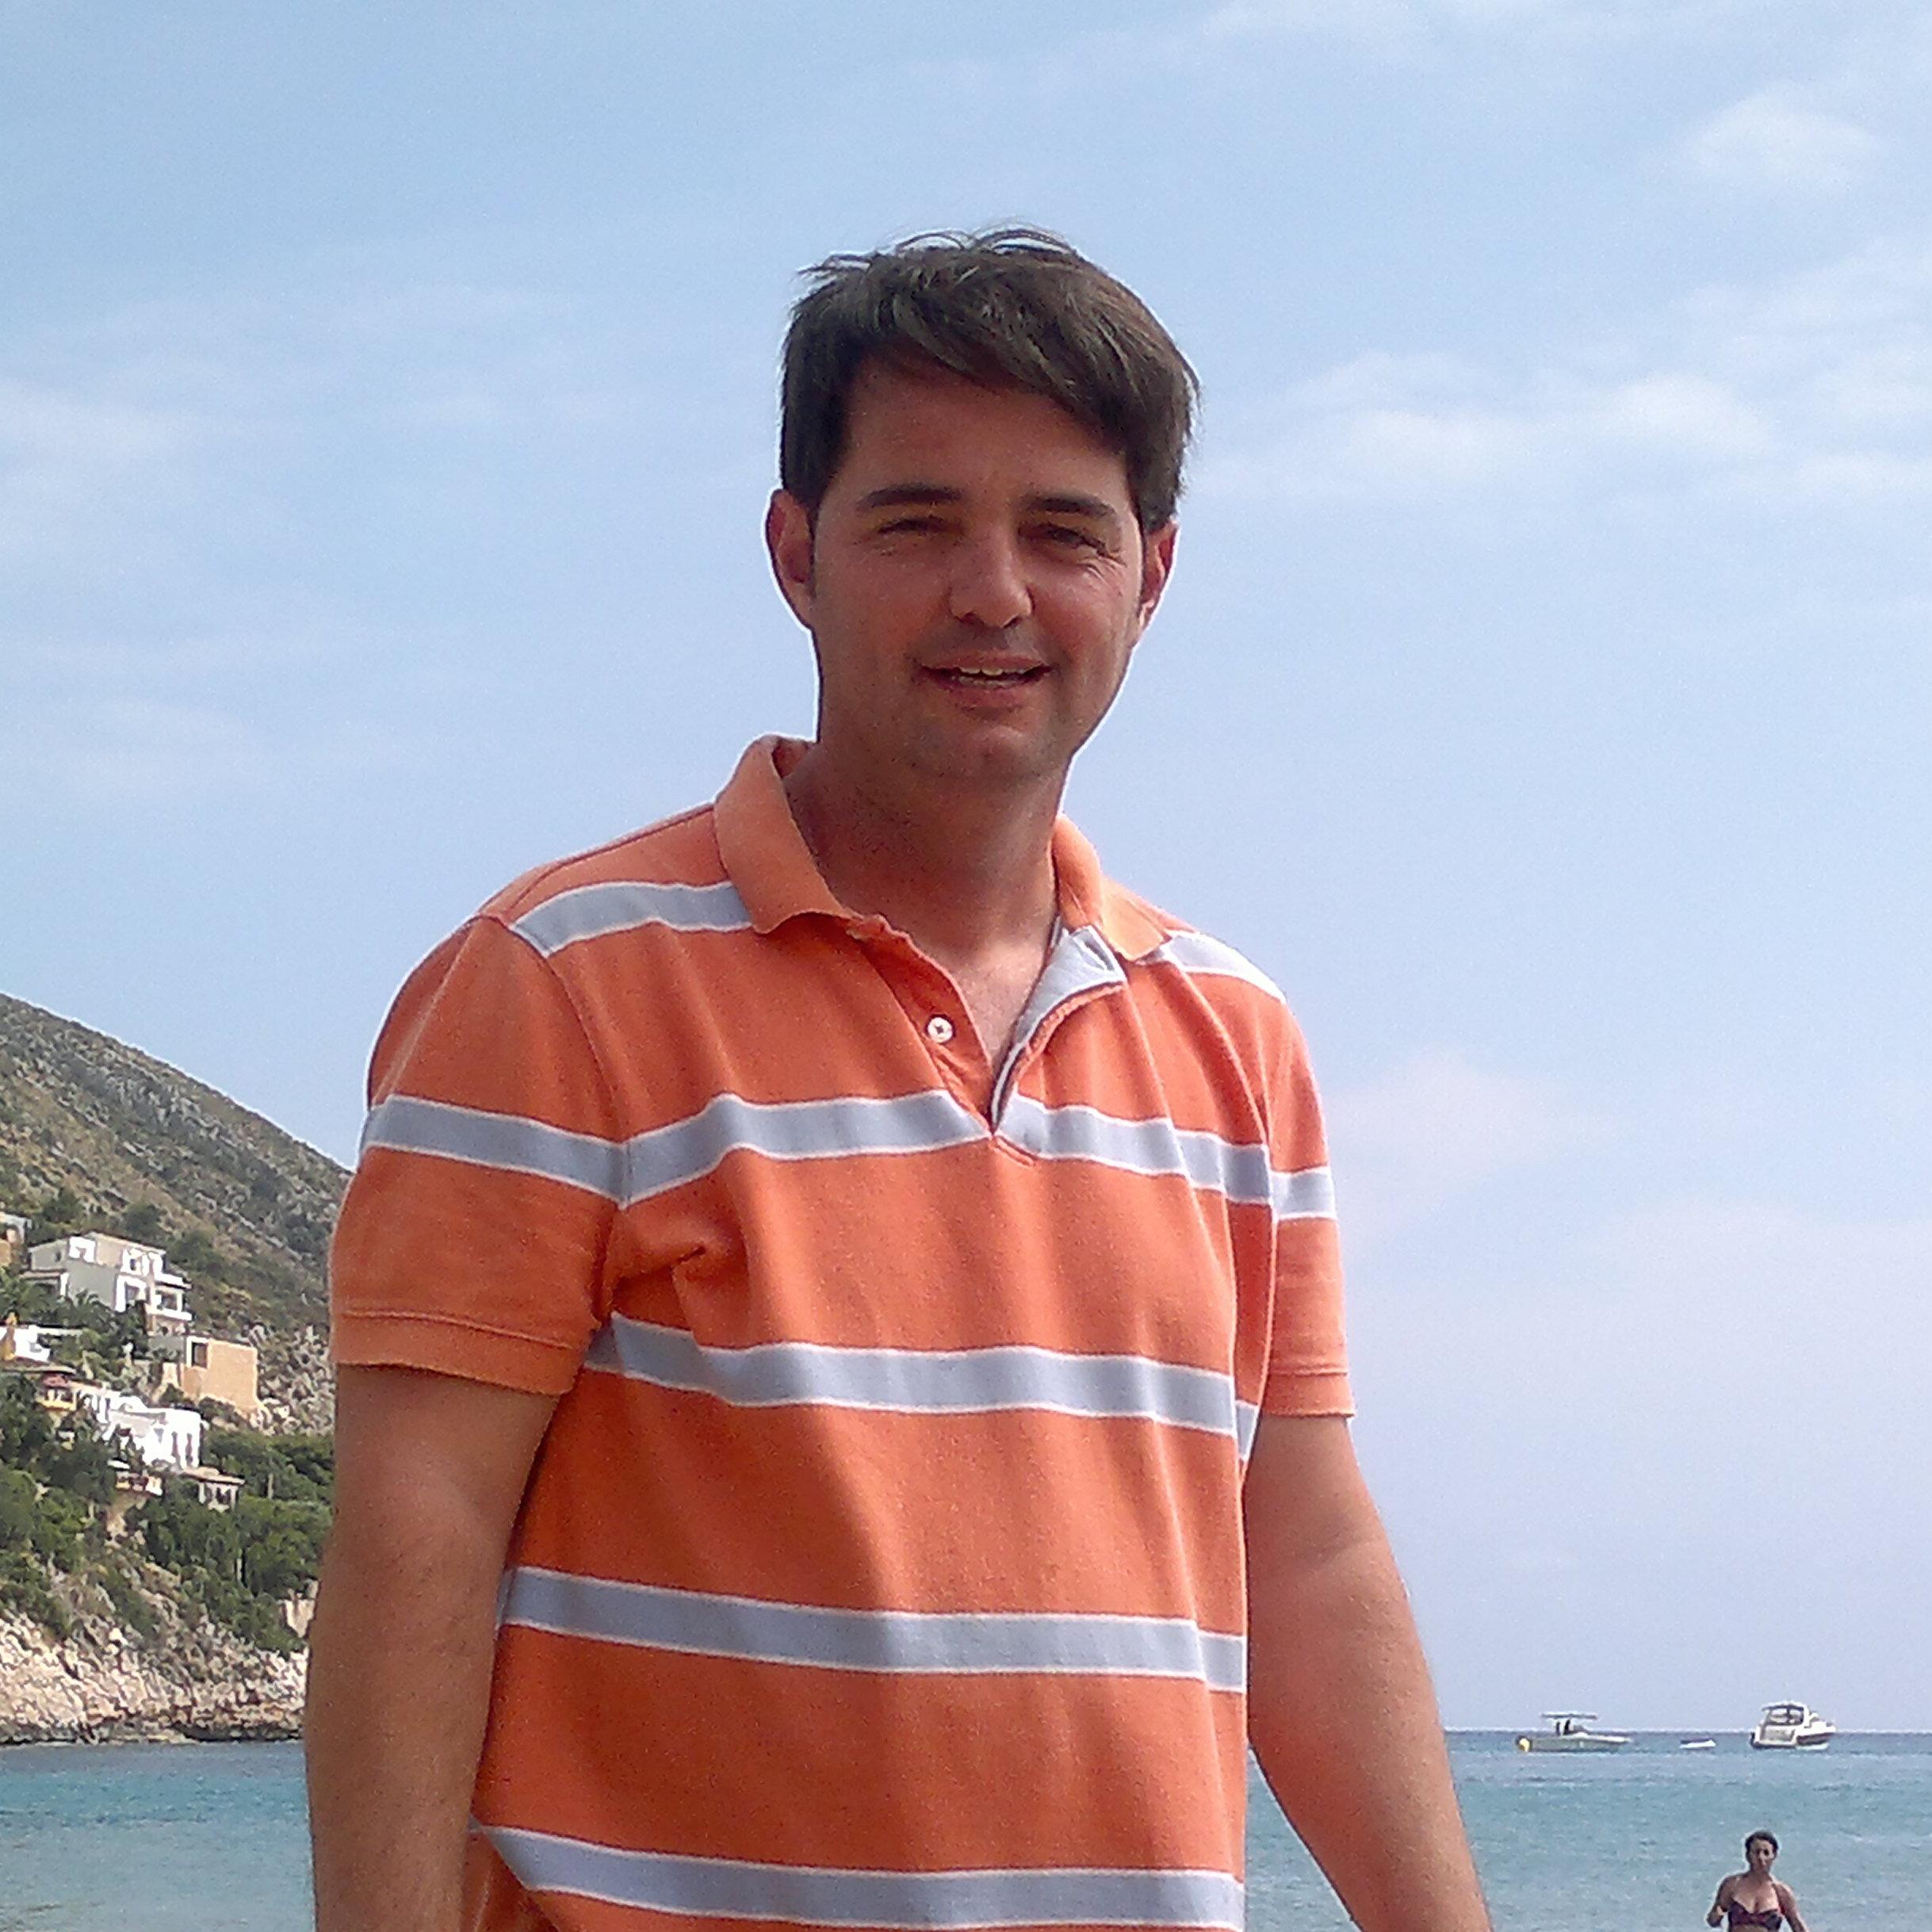 Jordi Vilanova Pons